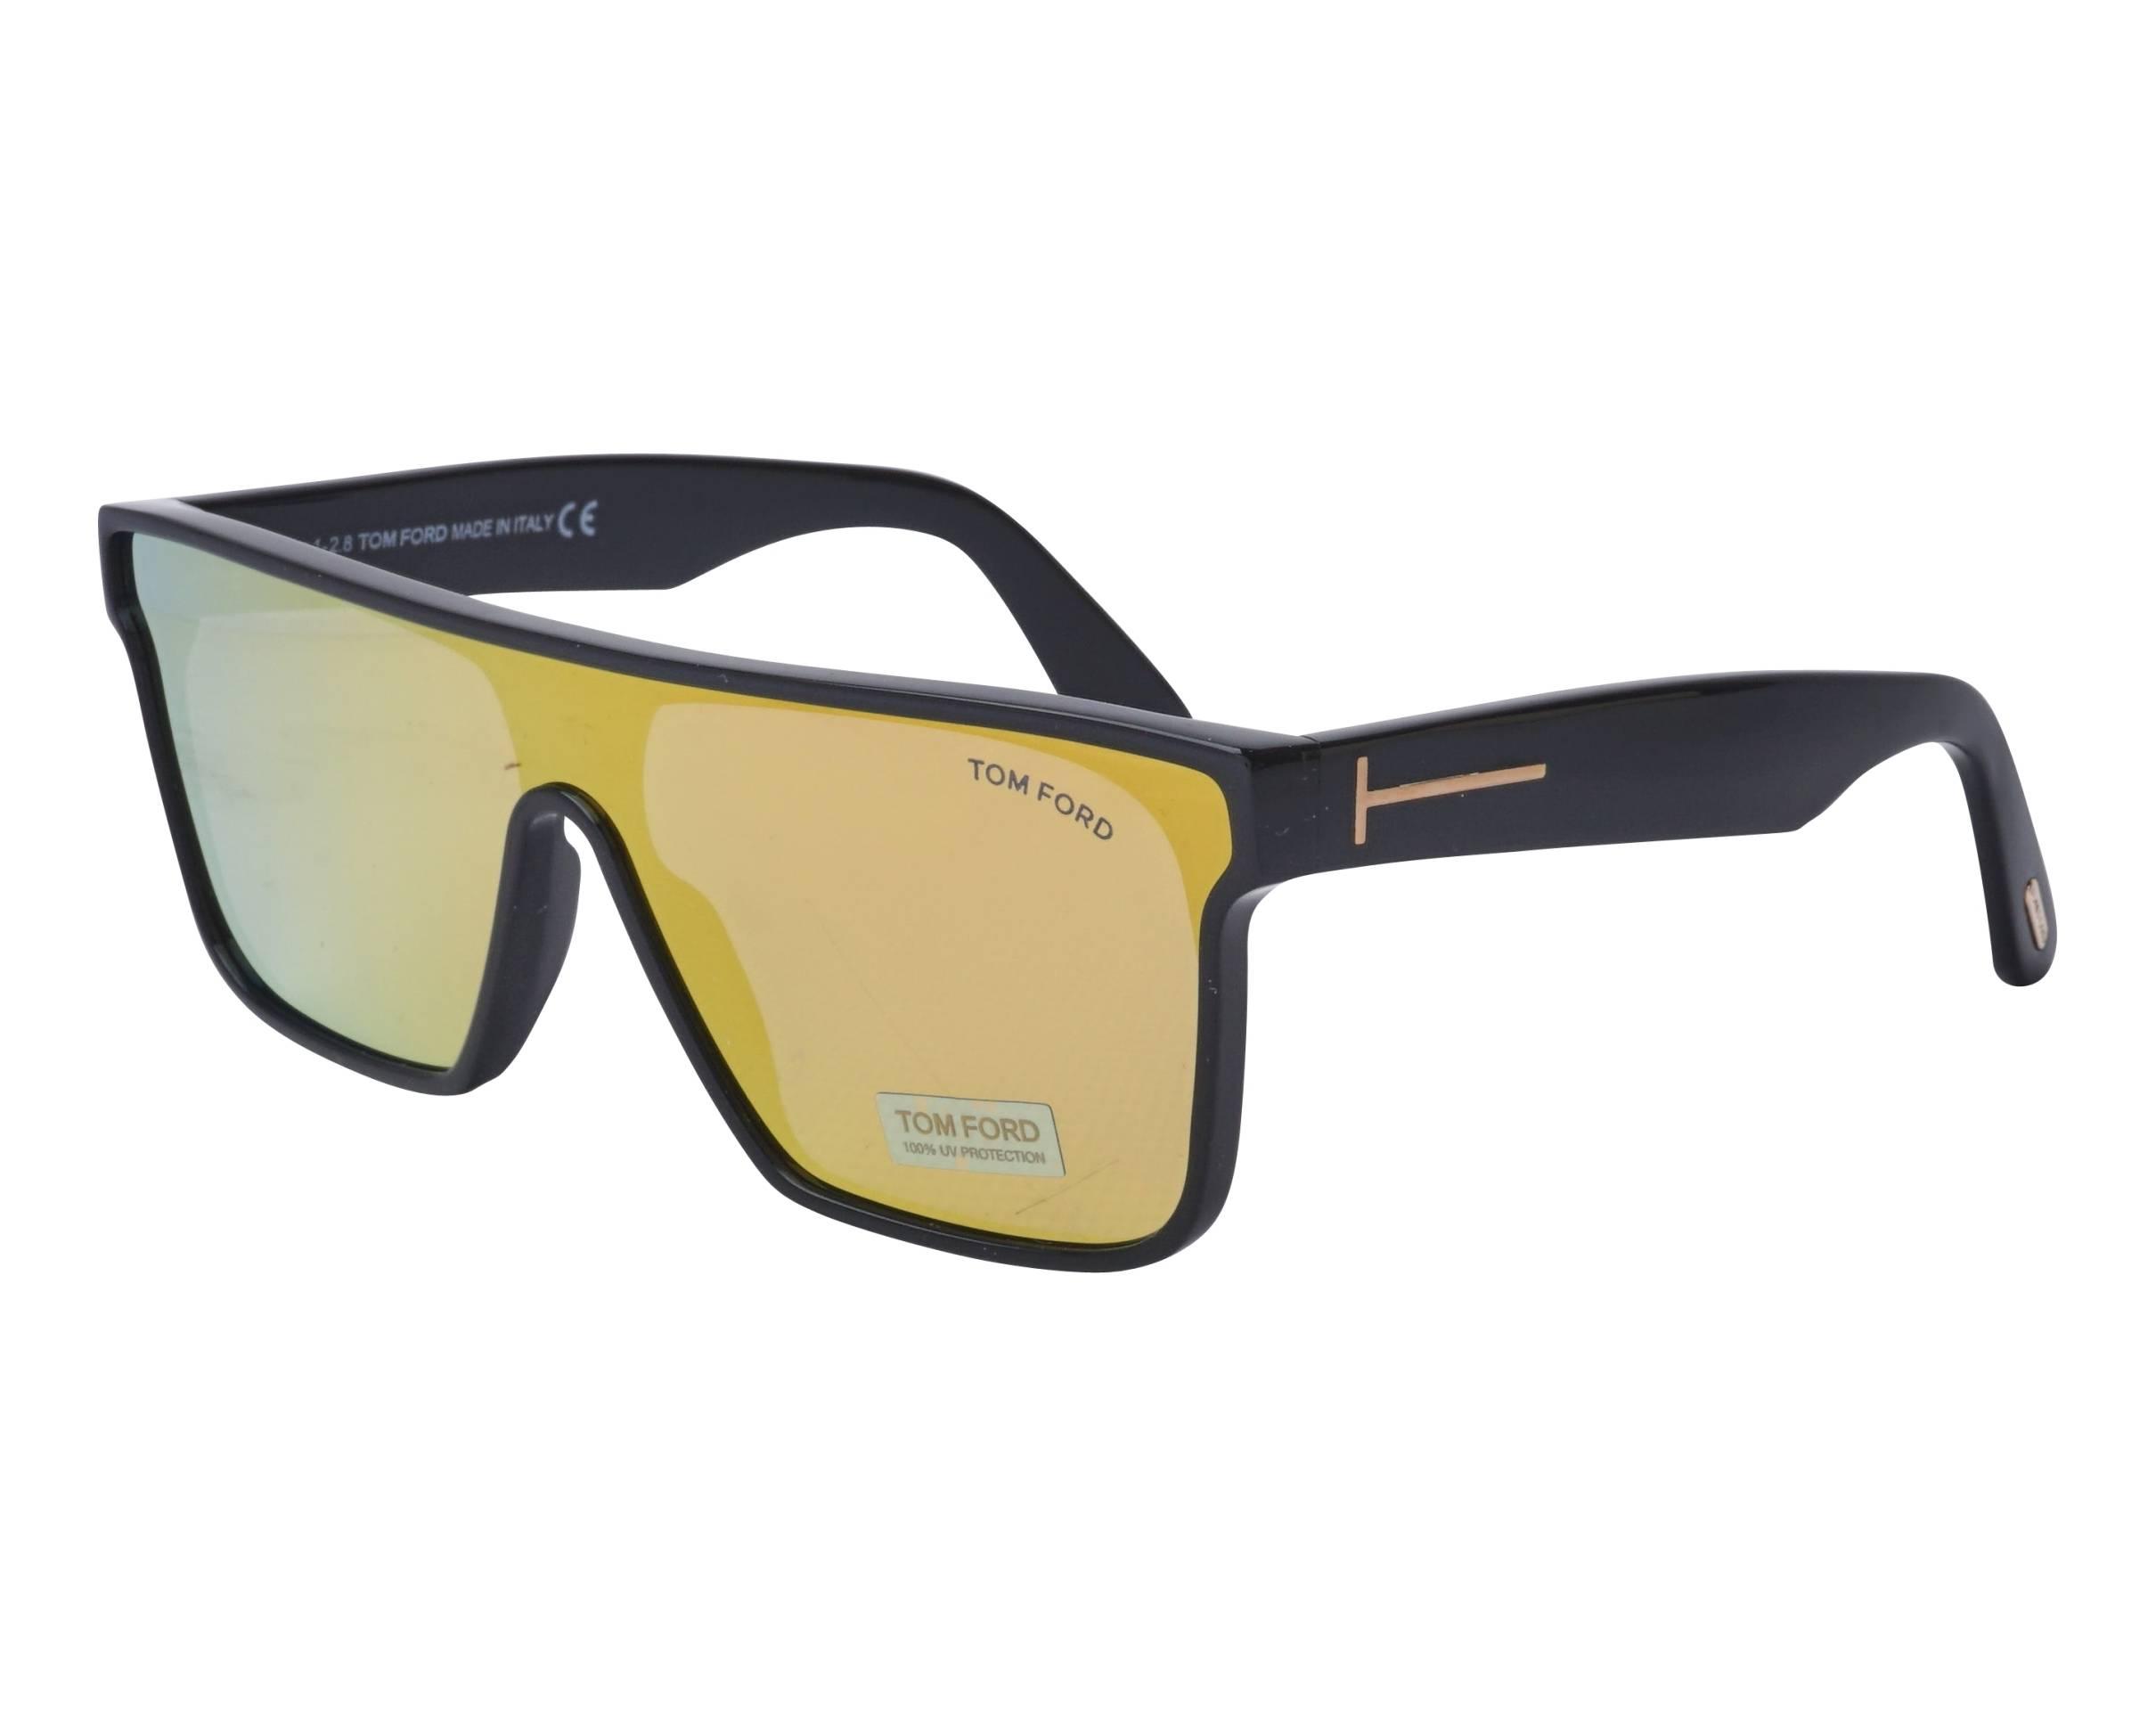 5dda7e2035 Gafas de sol Tom Ford TF-709 01G - Negra vista de perfil